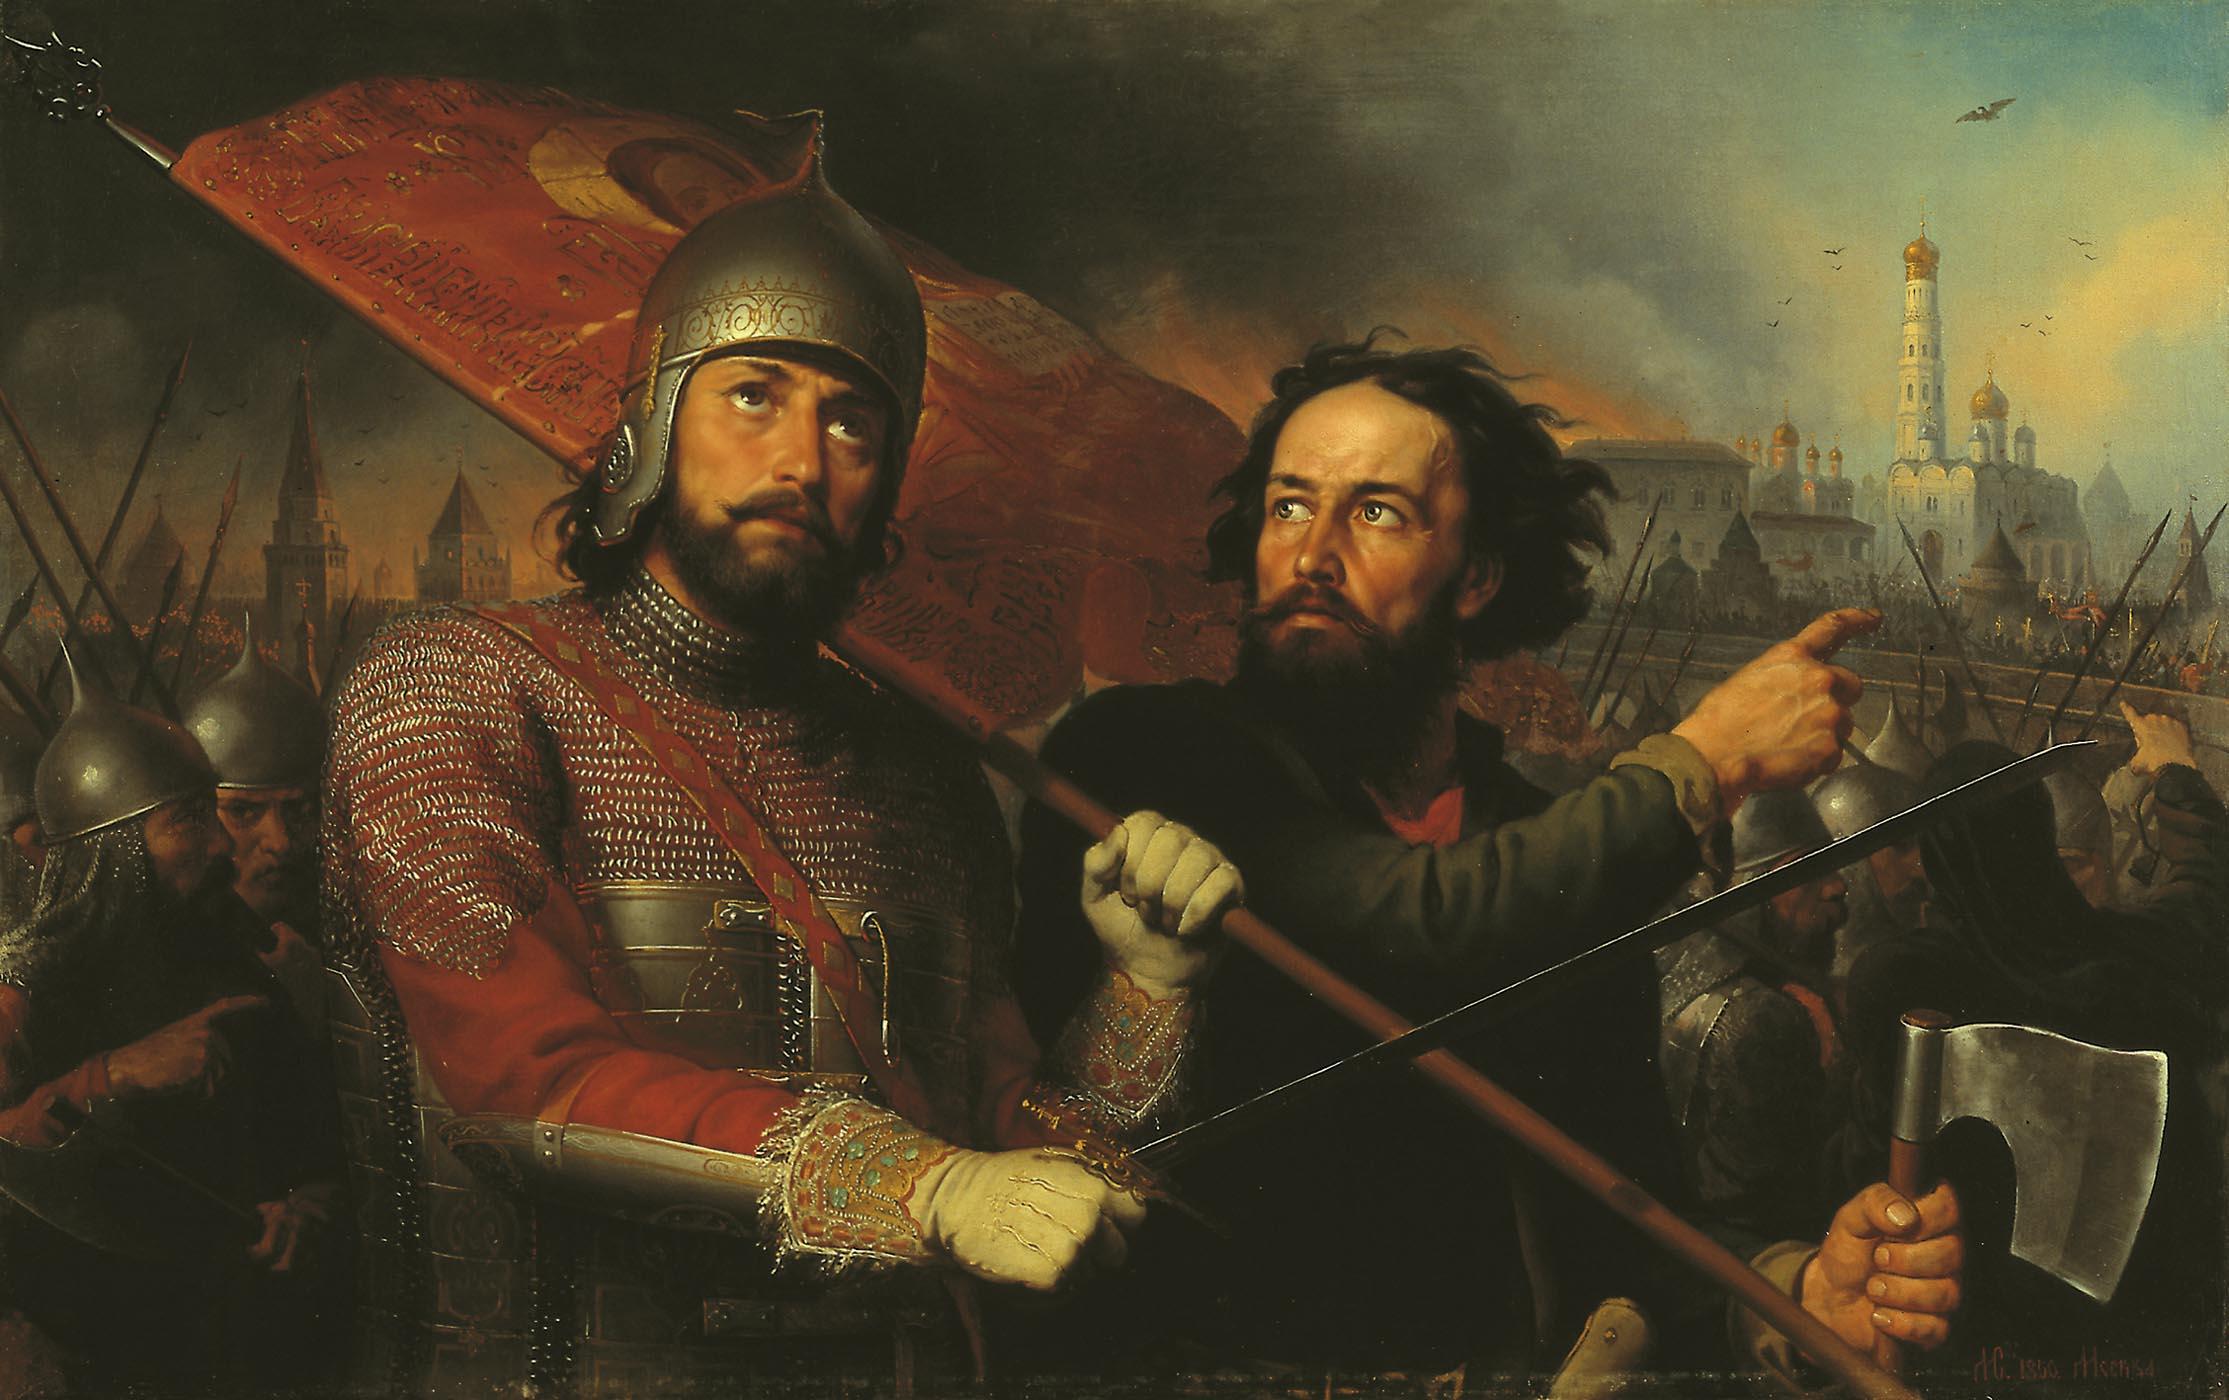 คุสมา มินิน และเจ้าชายดมิทรี ปาชาร์สกี้